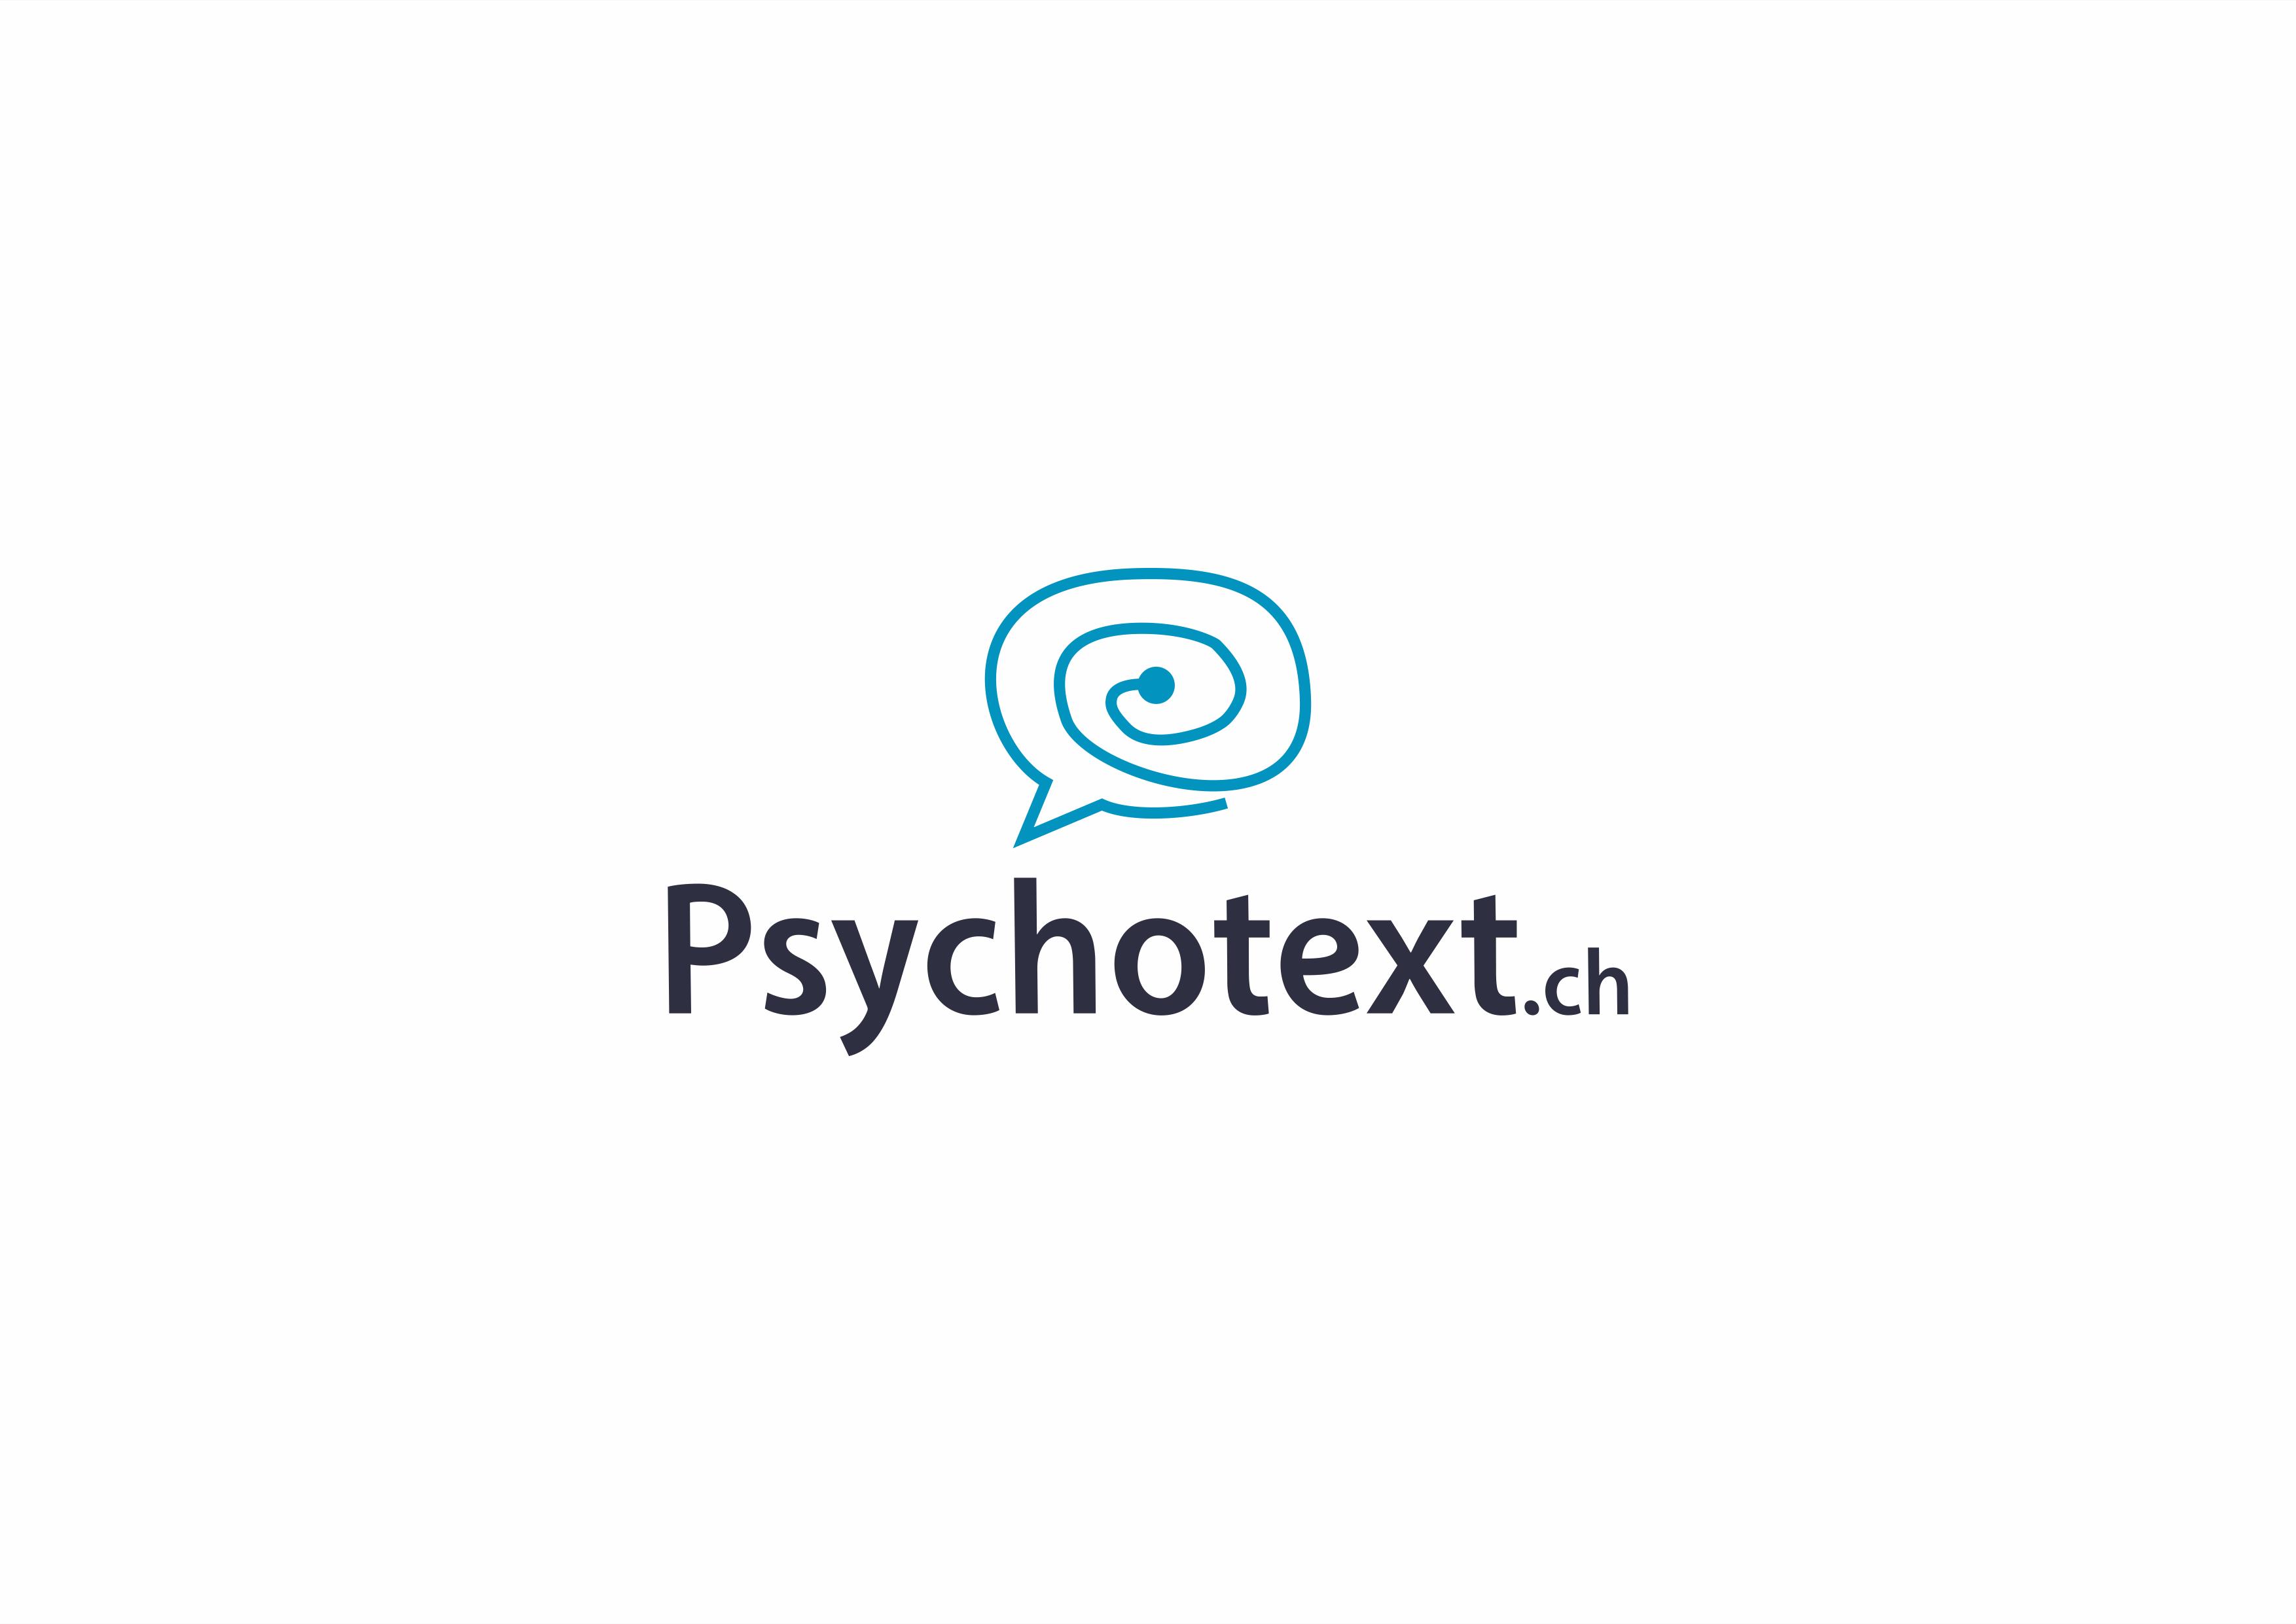 Ich helfe Psychologen, eine Website zu schreiben. Helfen Sie mir bei meinem eigenen Design!